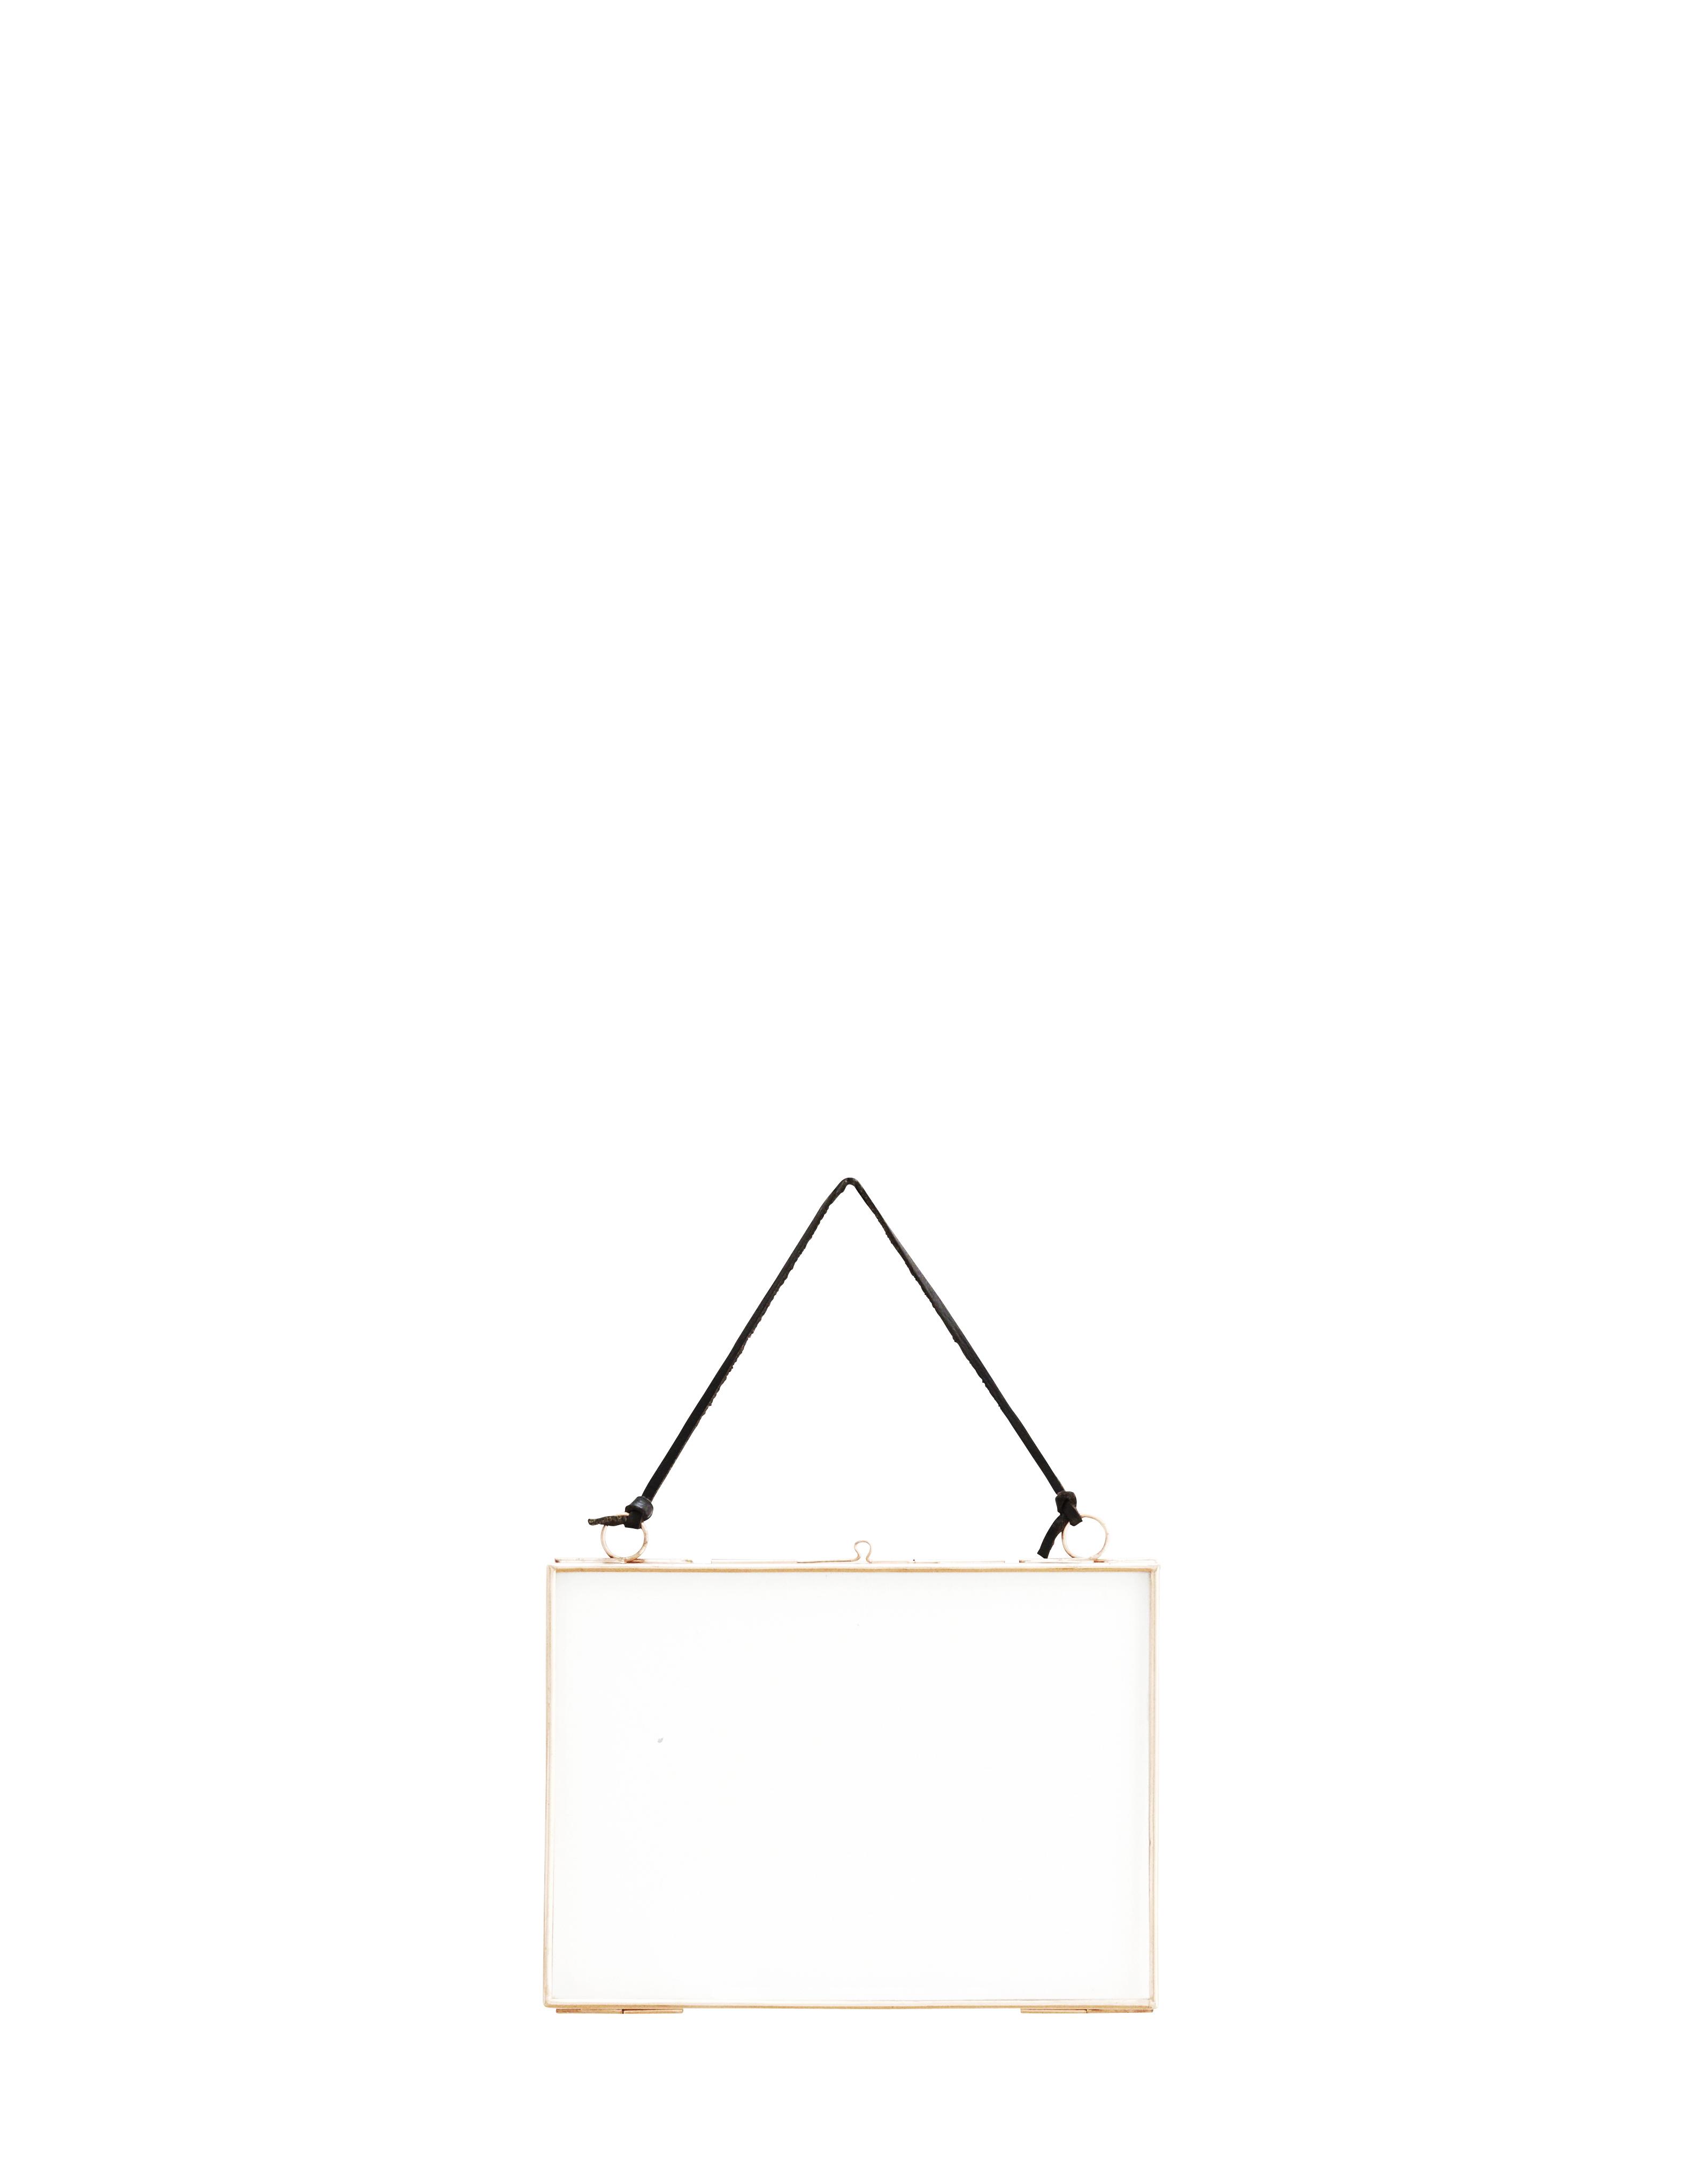 bilderrahmen zum h ngen kupfer 13x18cm bilderrahmen wohnaccessoires wohnen riva onlineshop. Black Bedroom Furniture Sets. Home Design Ideas